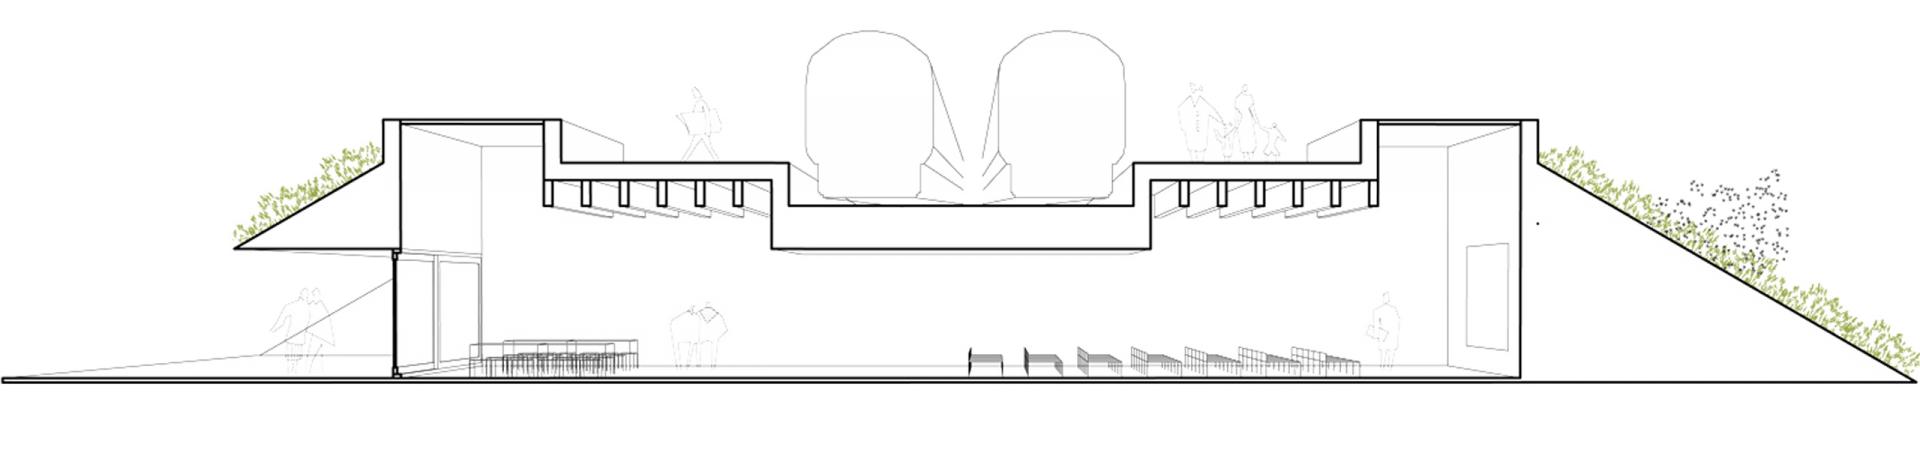 Oostvaarders Section 6